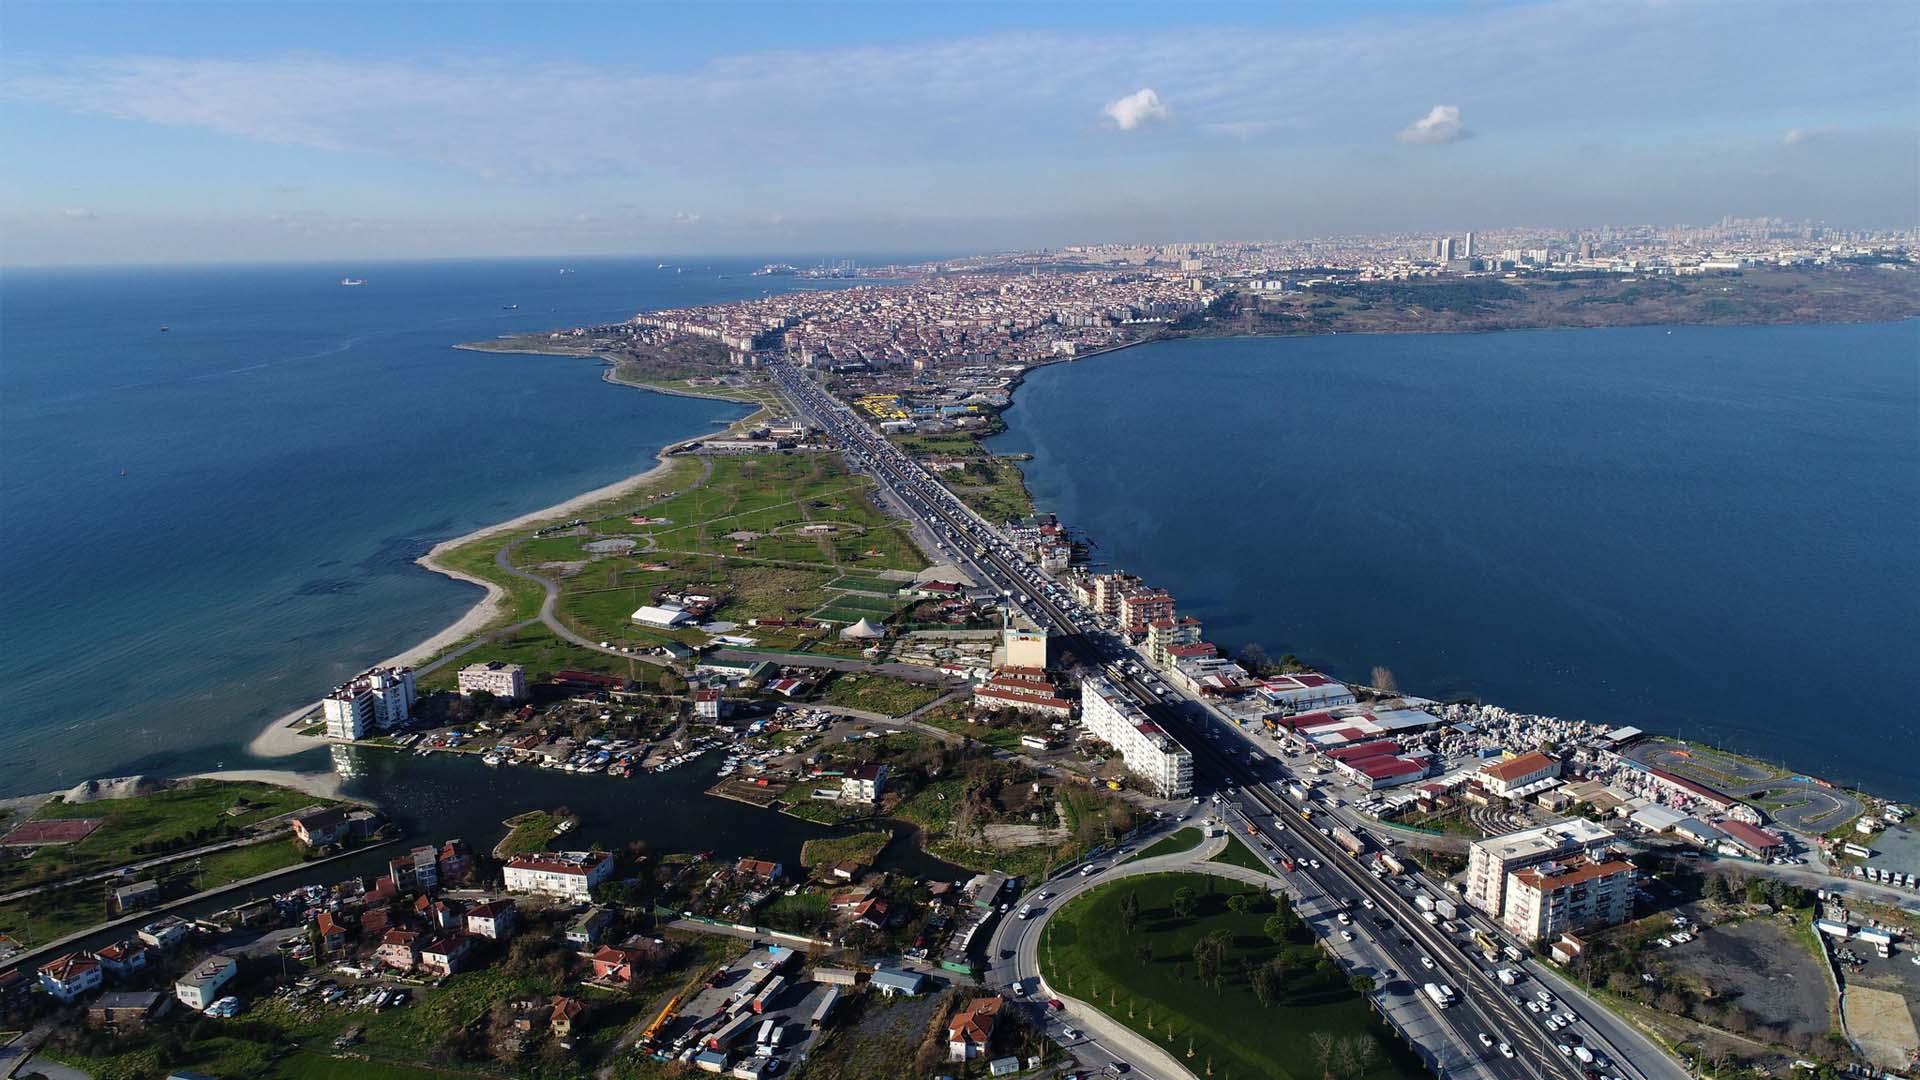 Kanal İstanbul ne işe yarayacak? Kanal İstanbul ne kadar sürecek? Genişliği ne kadar olacak? Kaç yılda bitecek?